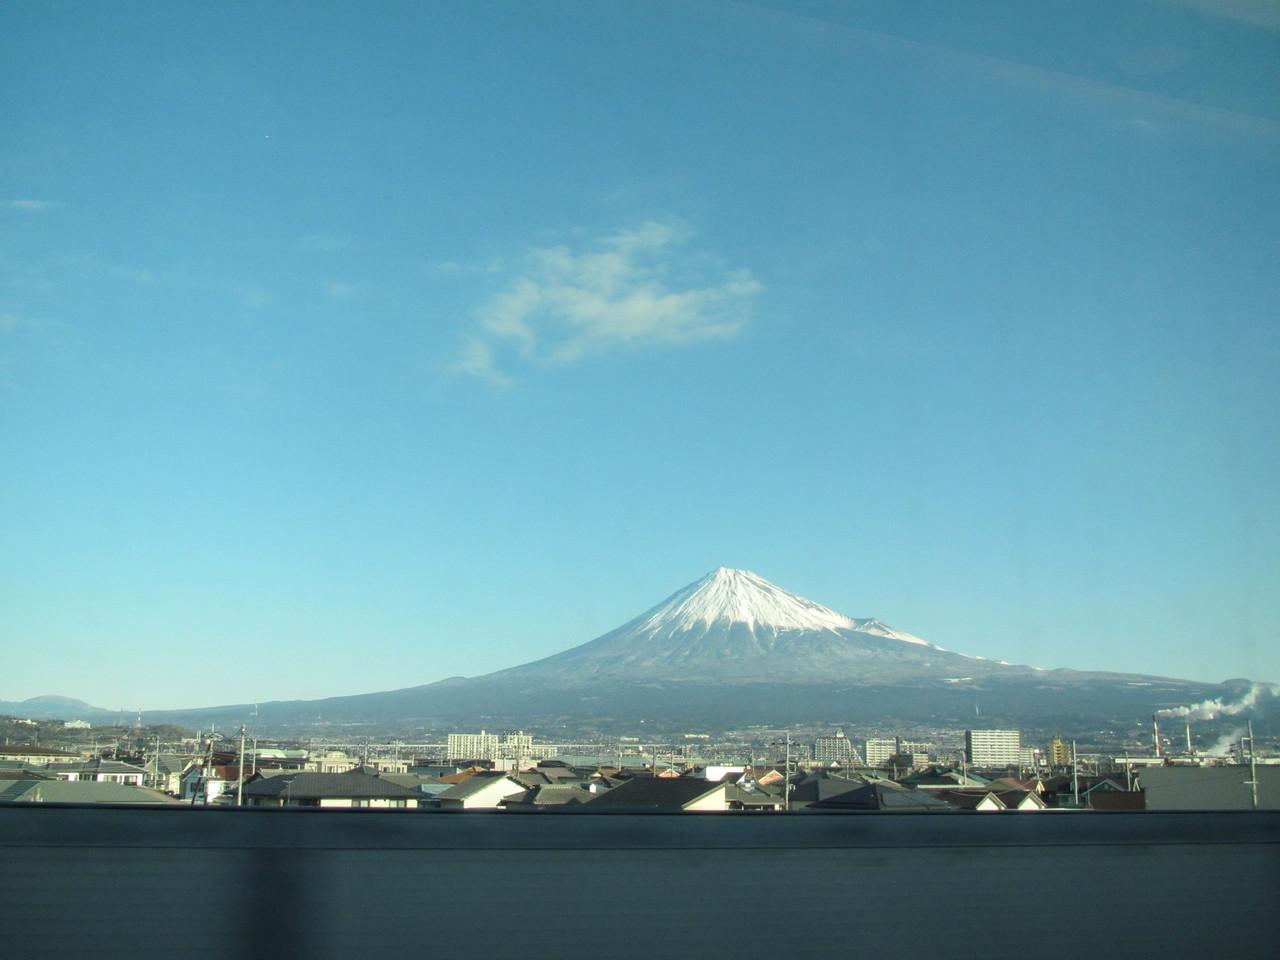 富士山がきれいにみえました。